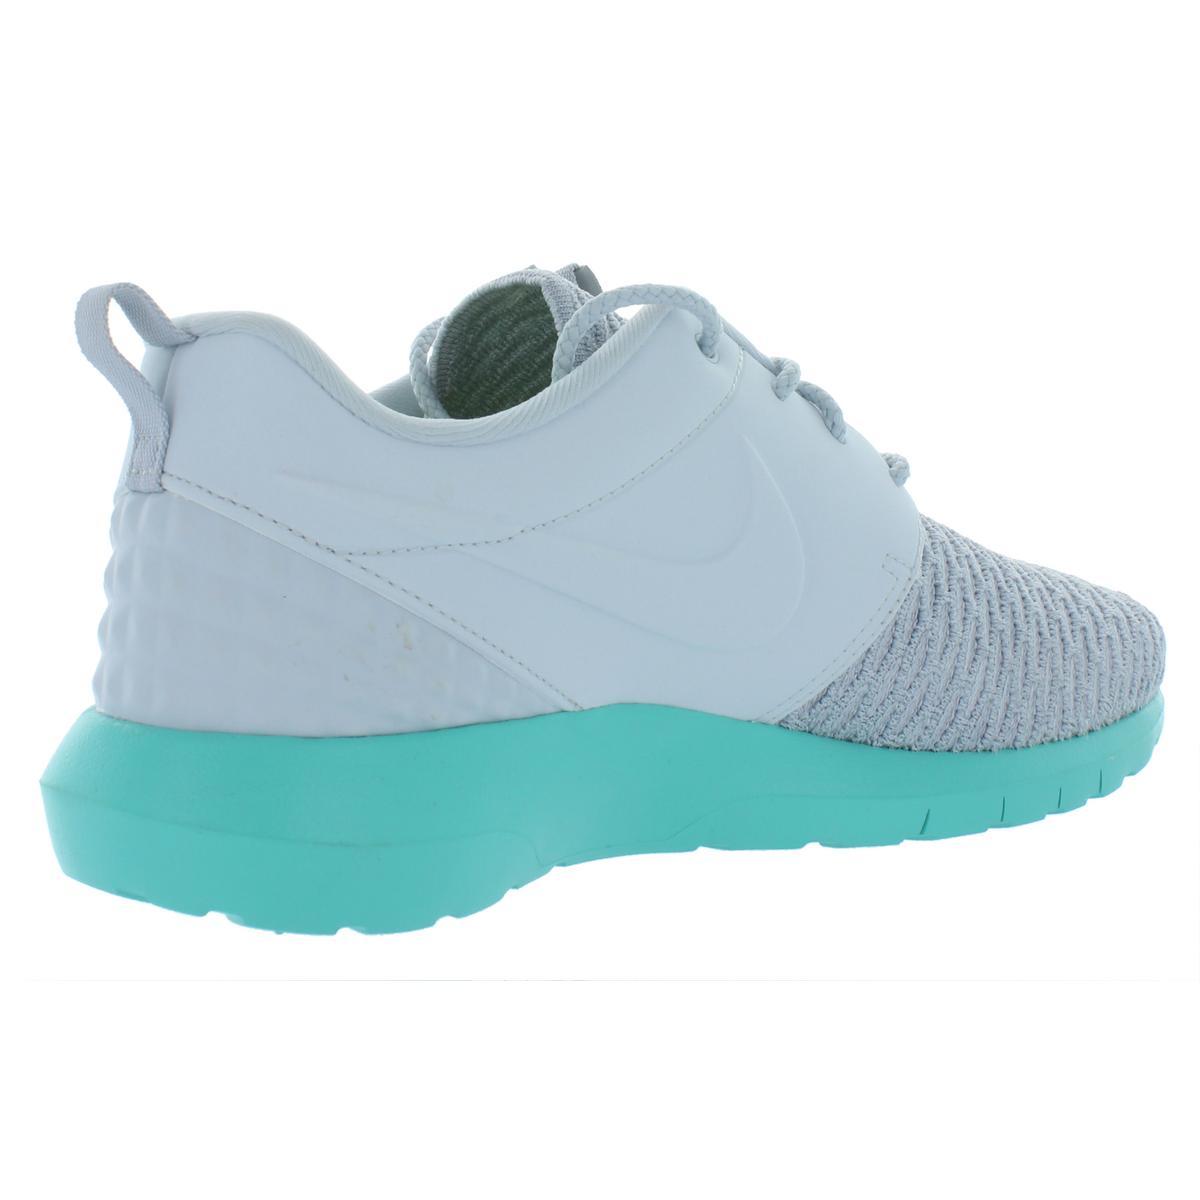 Kicks Deals - Official Website Nike Flyknit Roshe Run NM